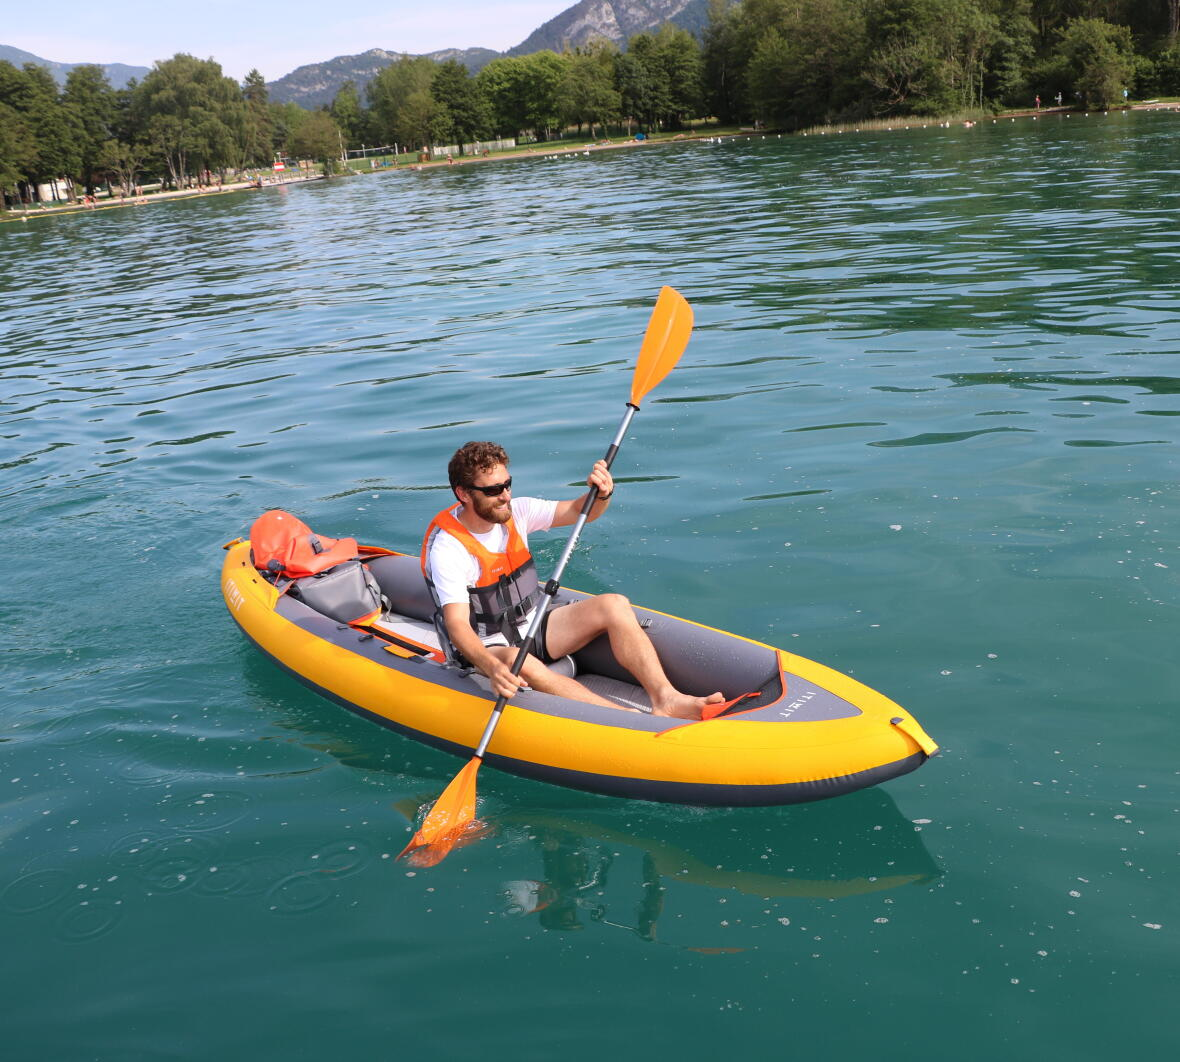 kayak day trip checklist